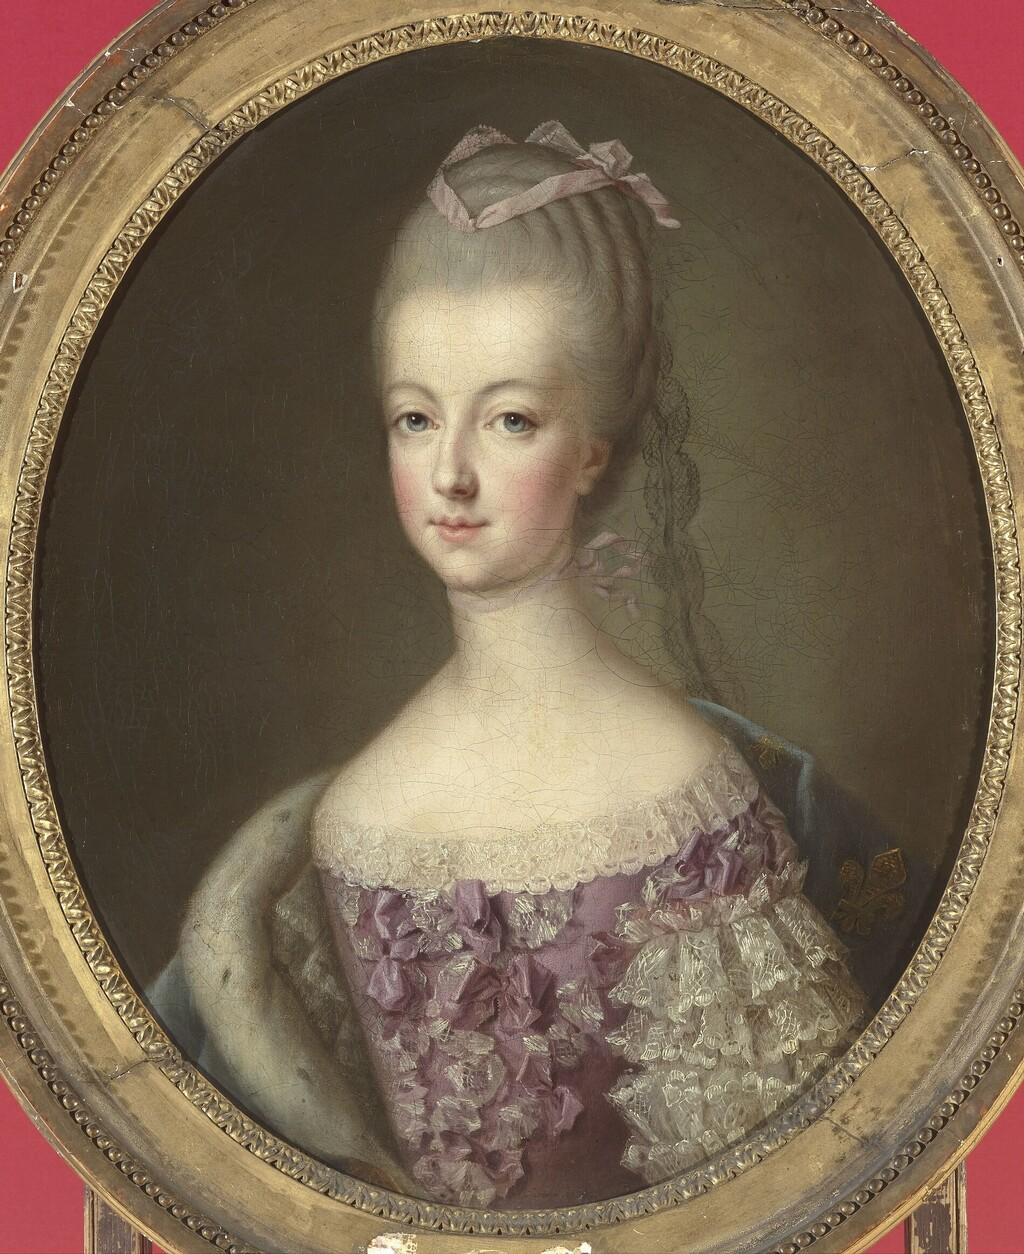 Ducreux - Portrait en buste de Marie-Antoinette, dauphine, par Joseph Ducreux ou d'après Drouais ? Drouai13